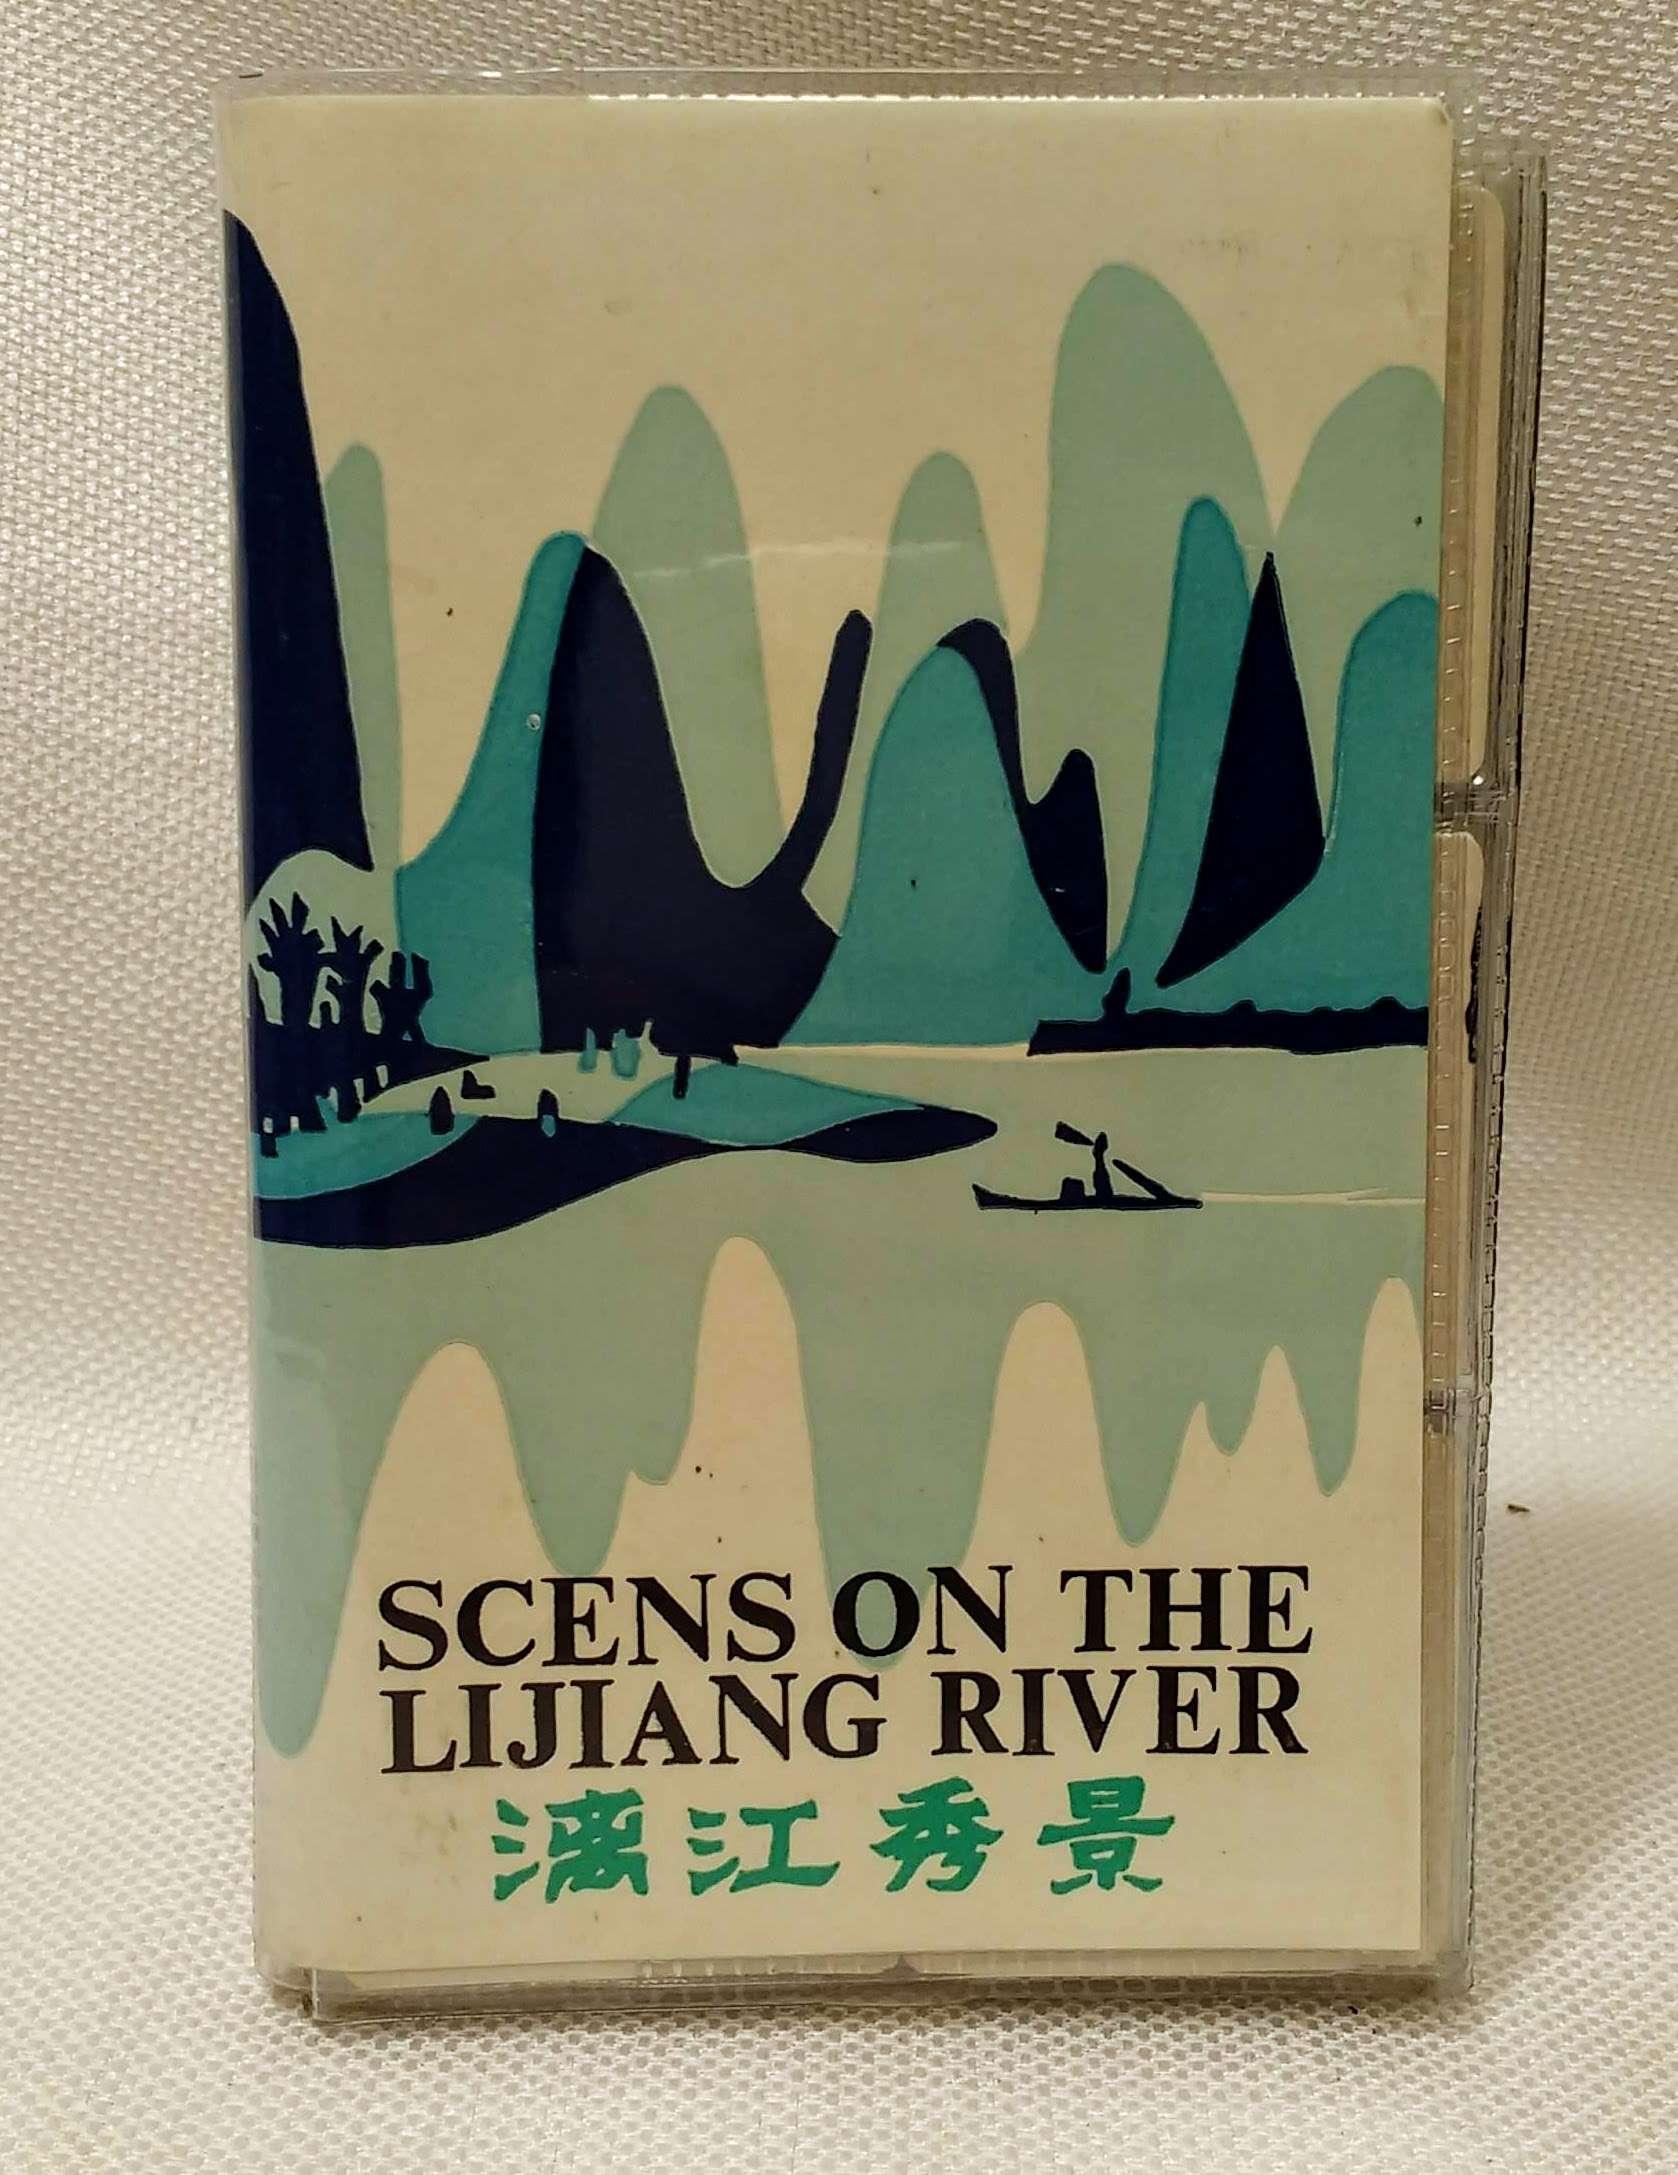 Scenes on the Lijaing River, Beijing Slide Studio; Captions by Liu Shoubao, Lan Peijin